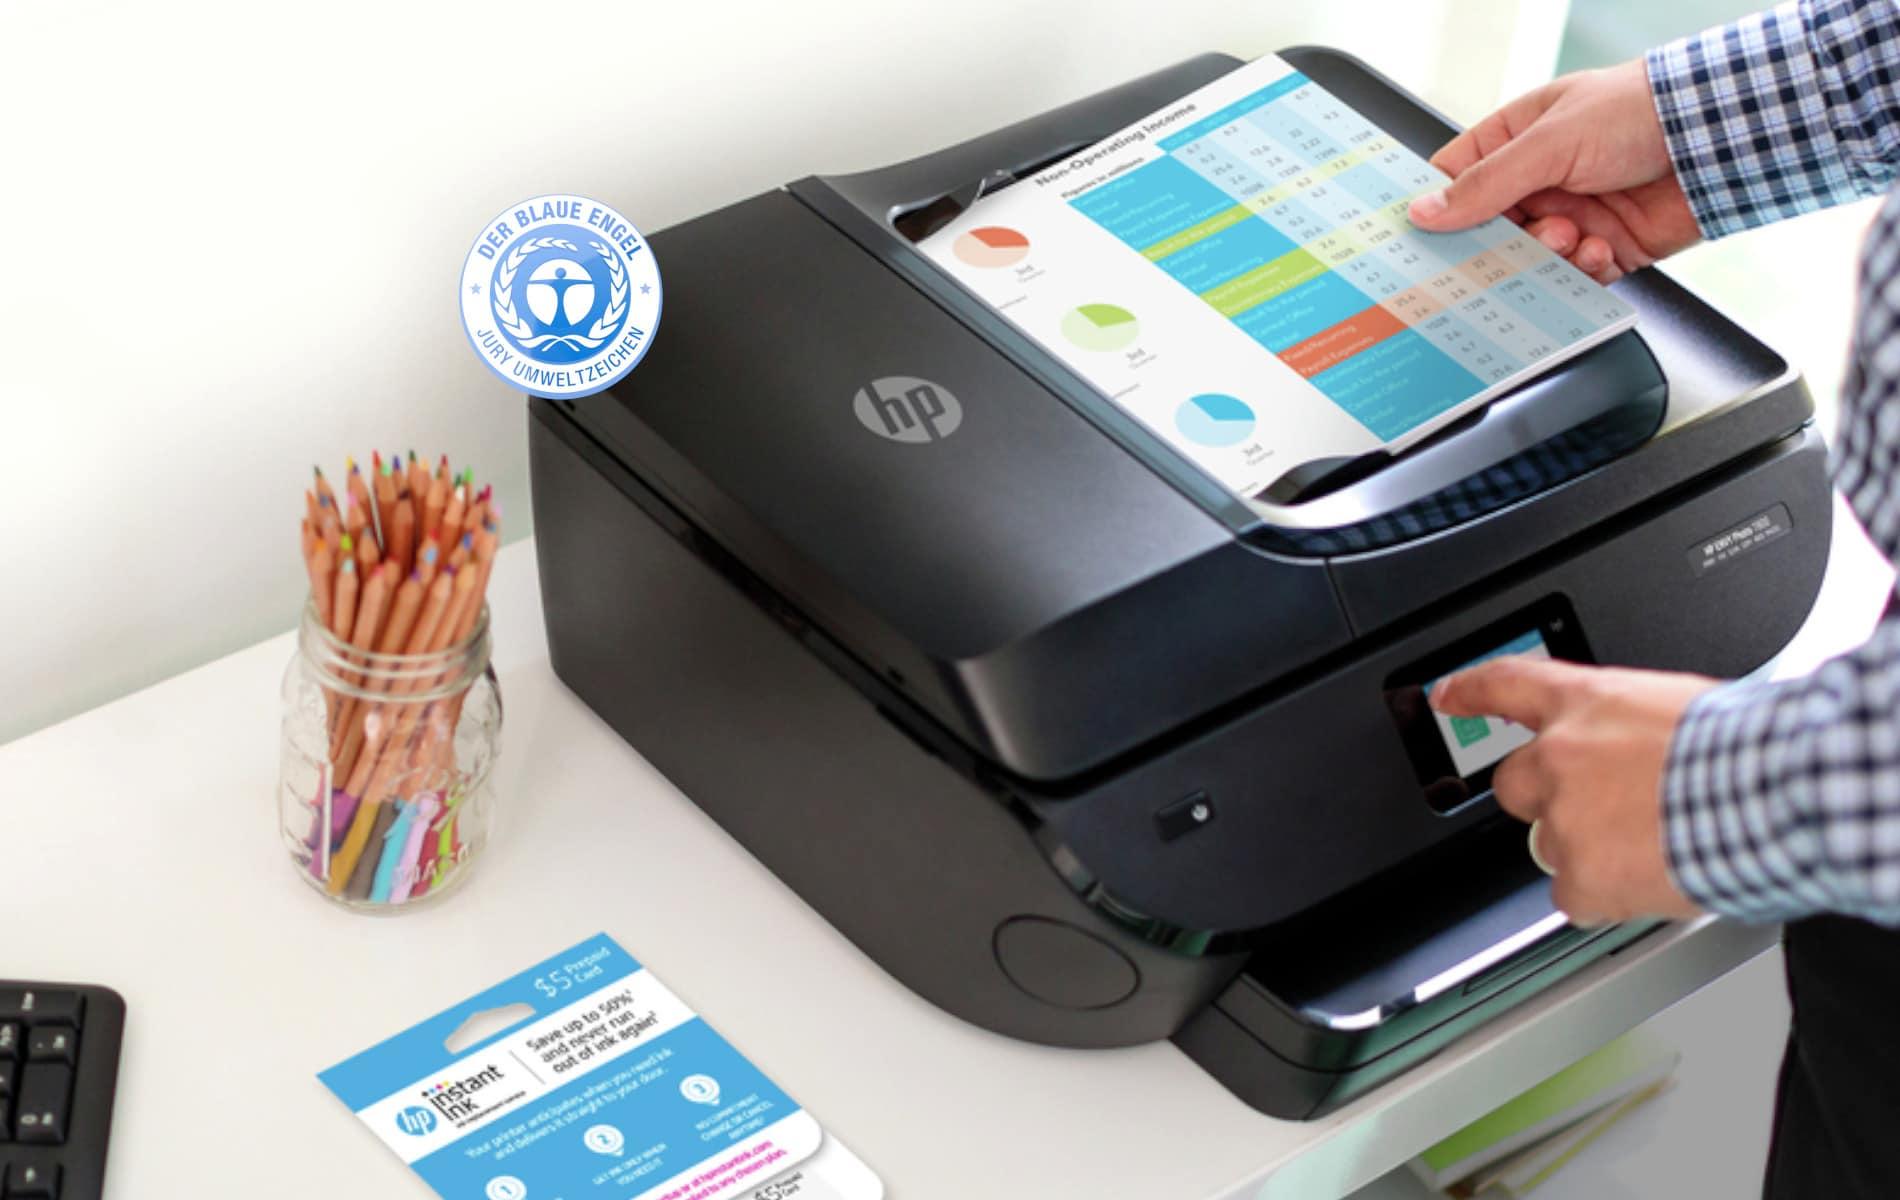 """Besitzt ein Drucker oder Kopierer das Gütesiegel """"Blauer Engel"""", so kann der Kunde sicher sein, dass dieser die strengen Auflagen des Umweltbundesamtes erfüllt."""